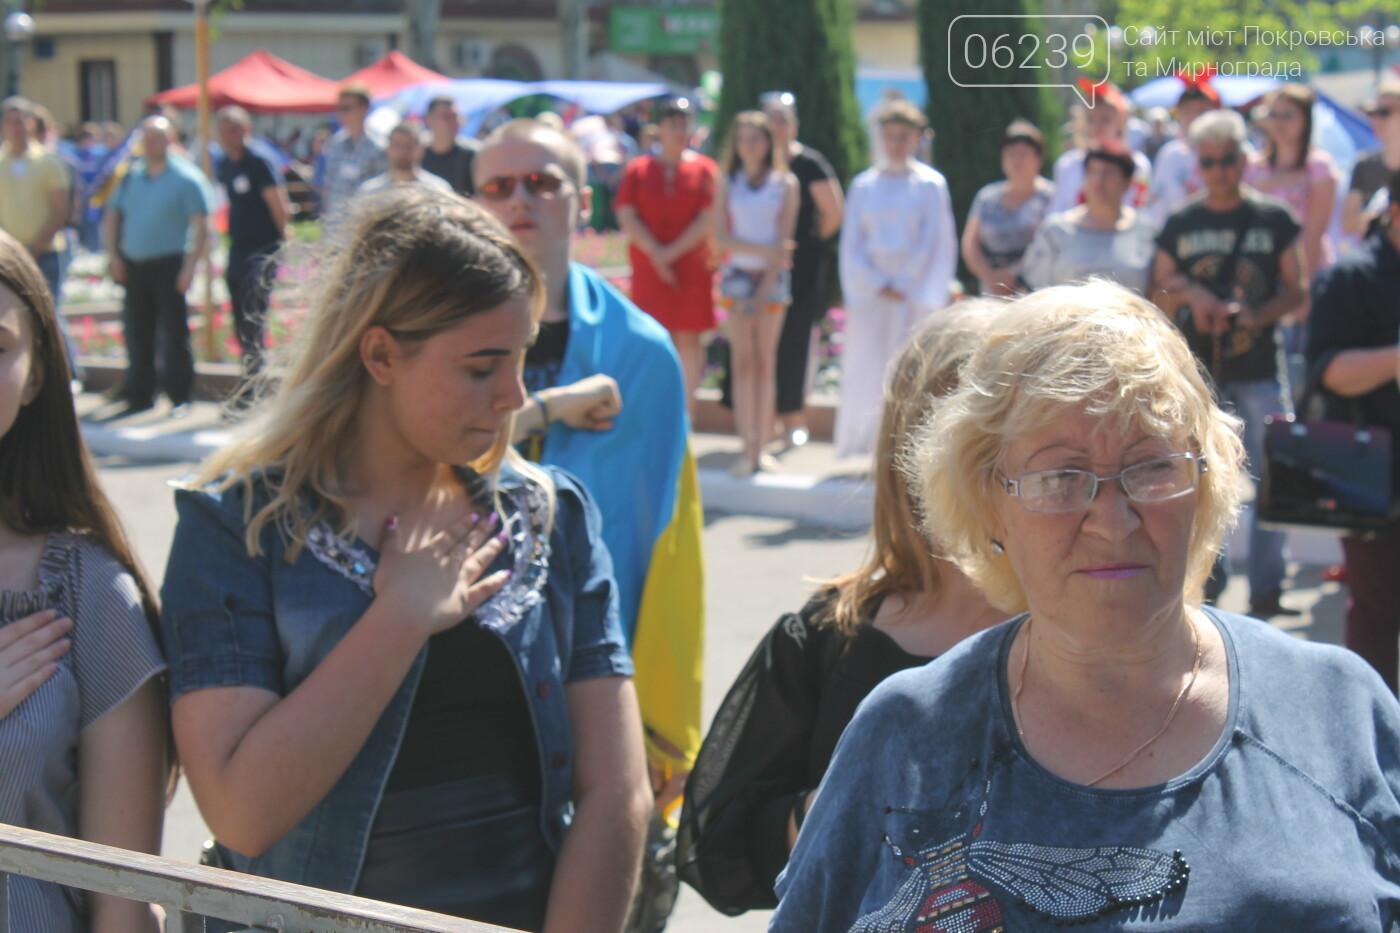 Руслан Требушкин поздравил покровчан и гостей города с Днем Европы, фото-19